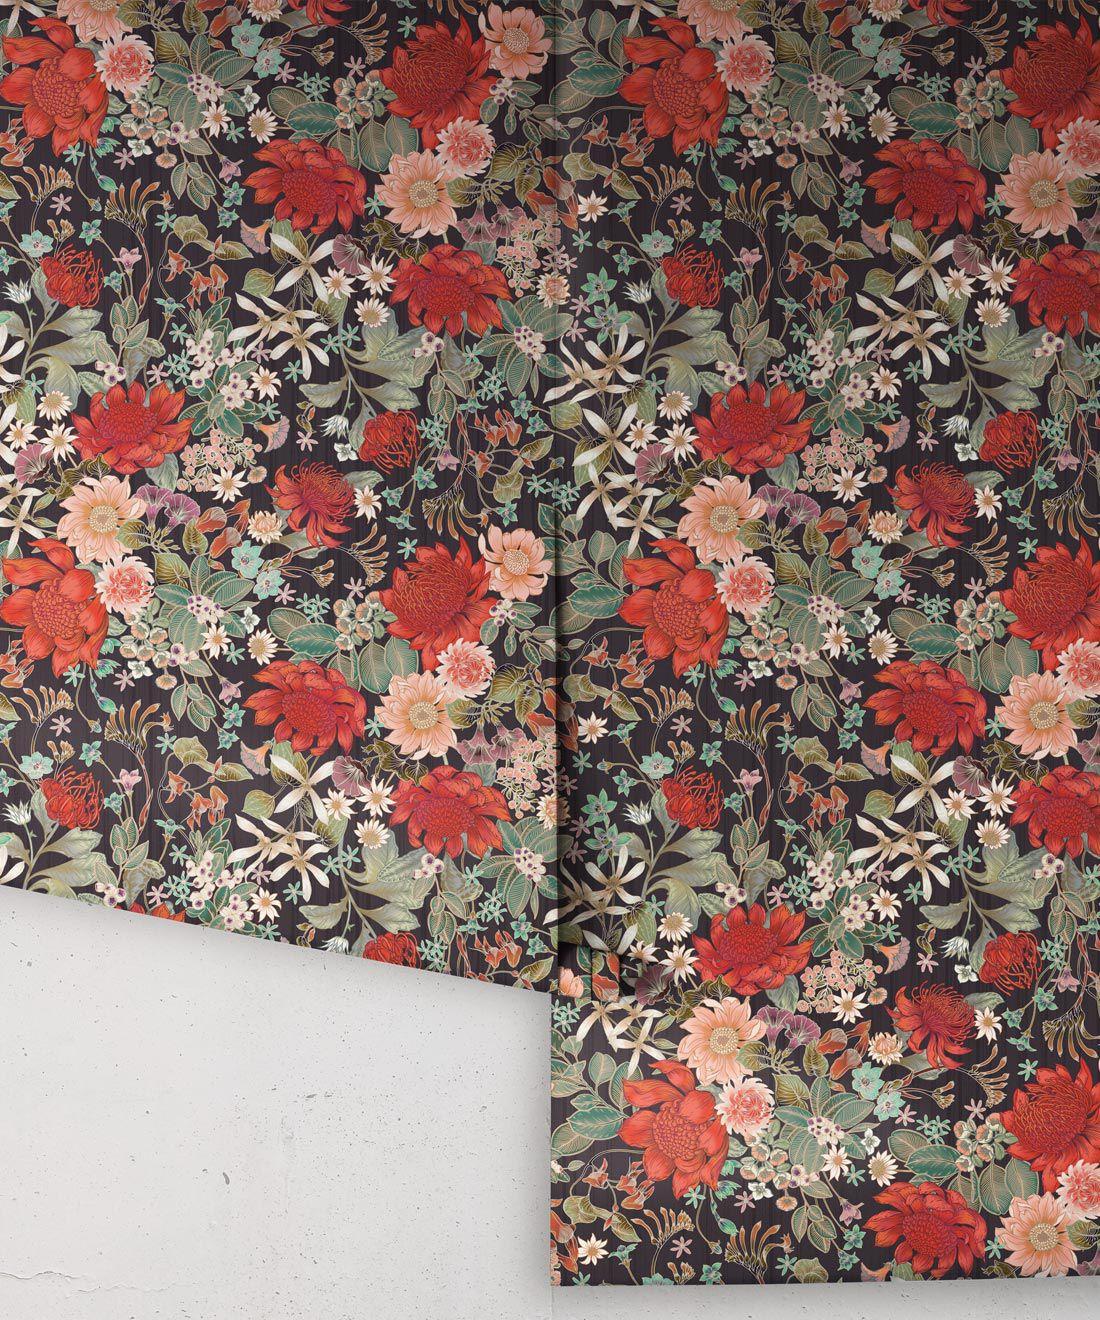 Bouquet Wallpaper • Eloise Short • Vintage Floral Wallpaper •Granny Chic Wallpaper • Grandmillennial Style Wallpaper •Licorice •Rolls